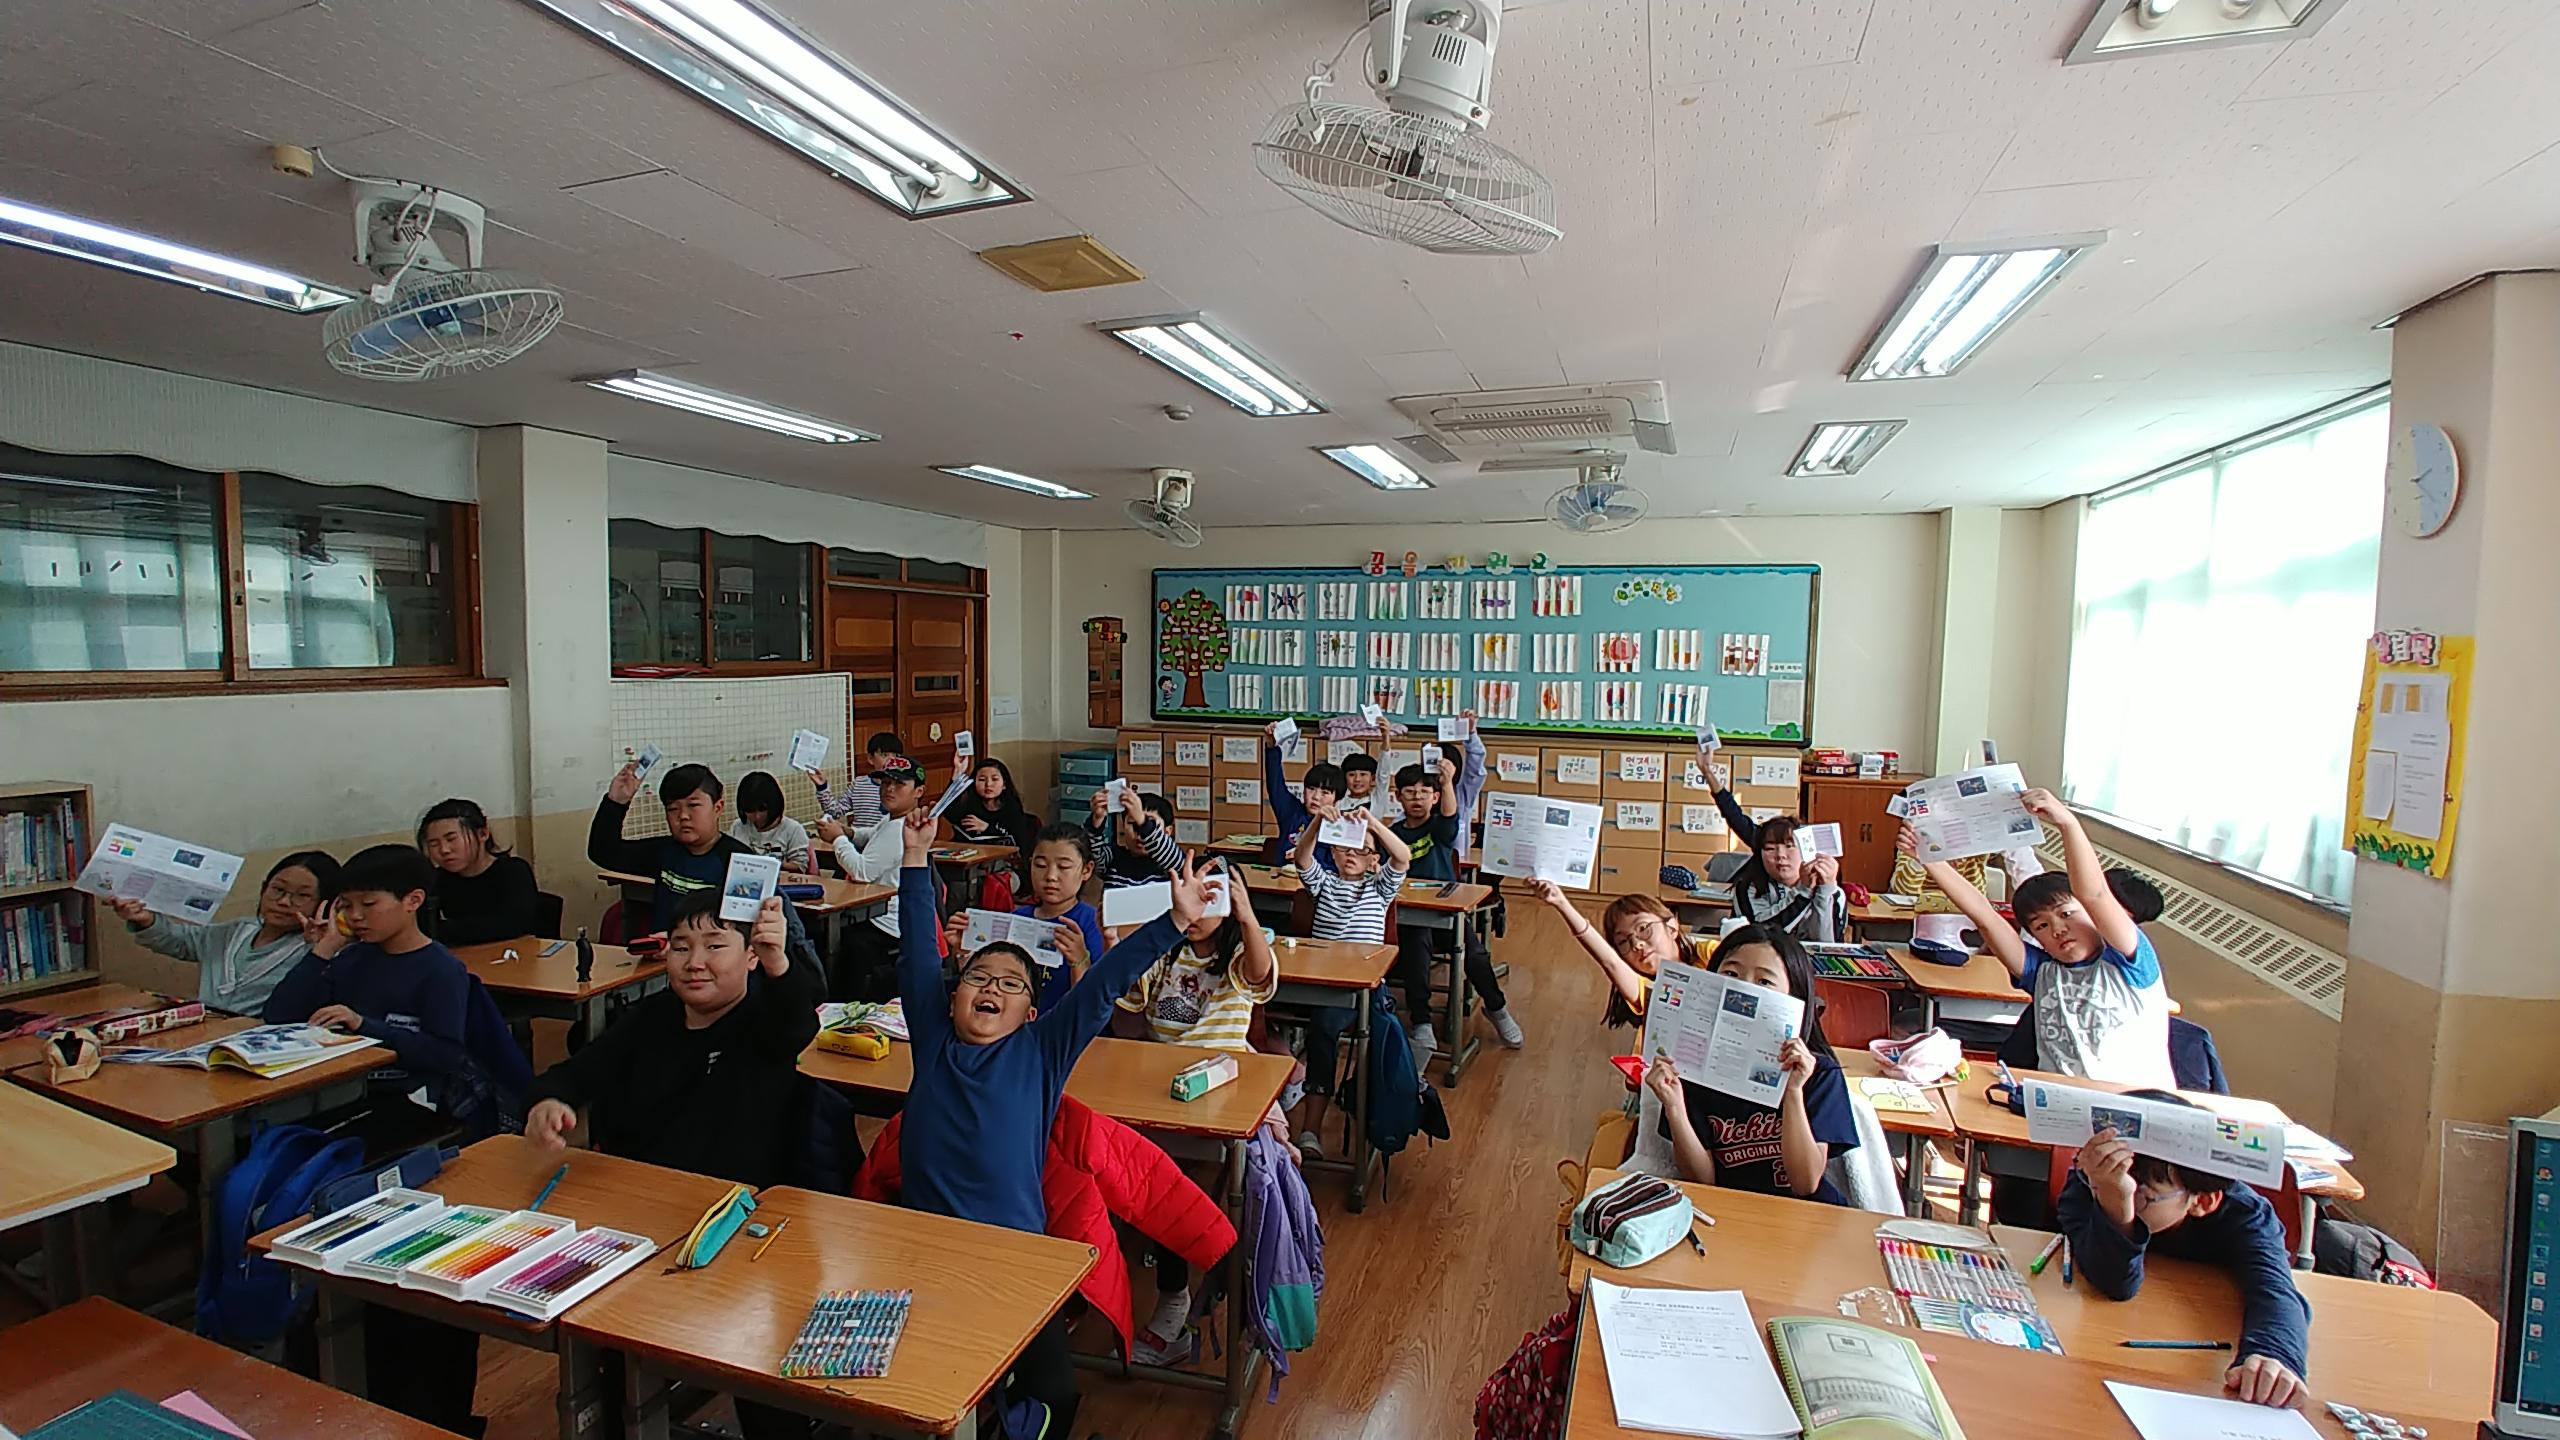 [일반] (4학년) 독도교육활동의 첨부이미지 1